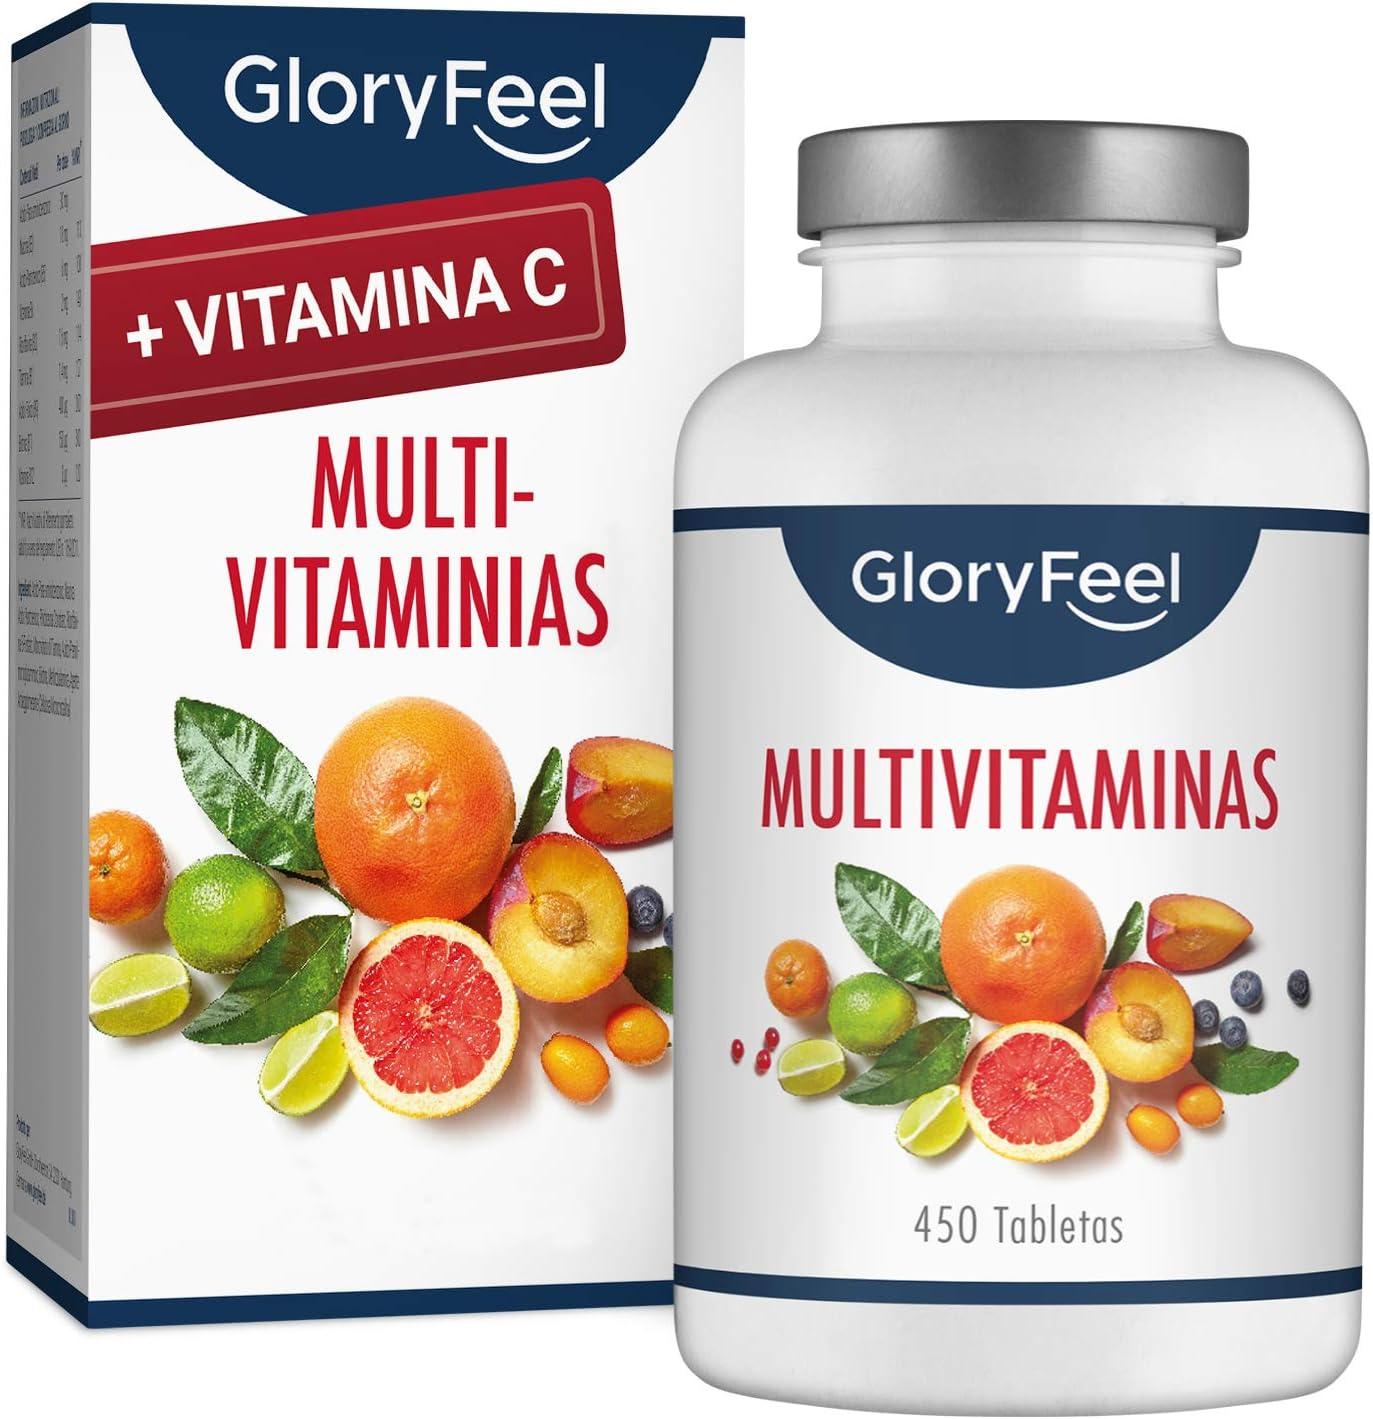 Multivitaminas y Minerales - Con Vitamina C para su sistema inmunológico - 450 Comprimidos Multivitamínicos Veganos - (Suministro por más de 1 año) Vitaminas y Minerales para Hombres y Mujeres